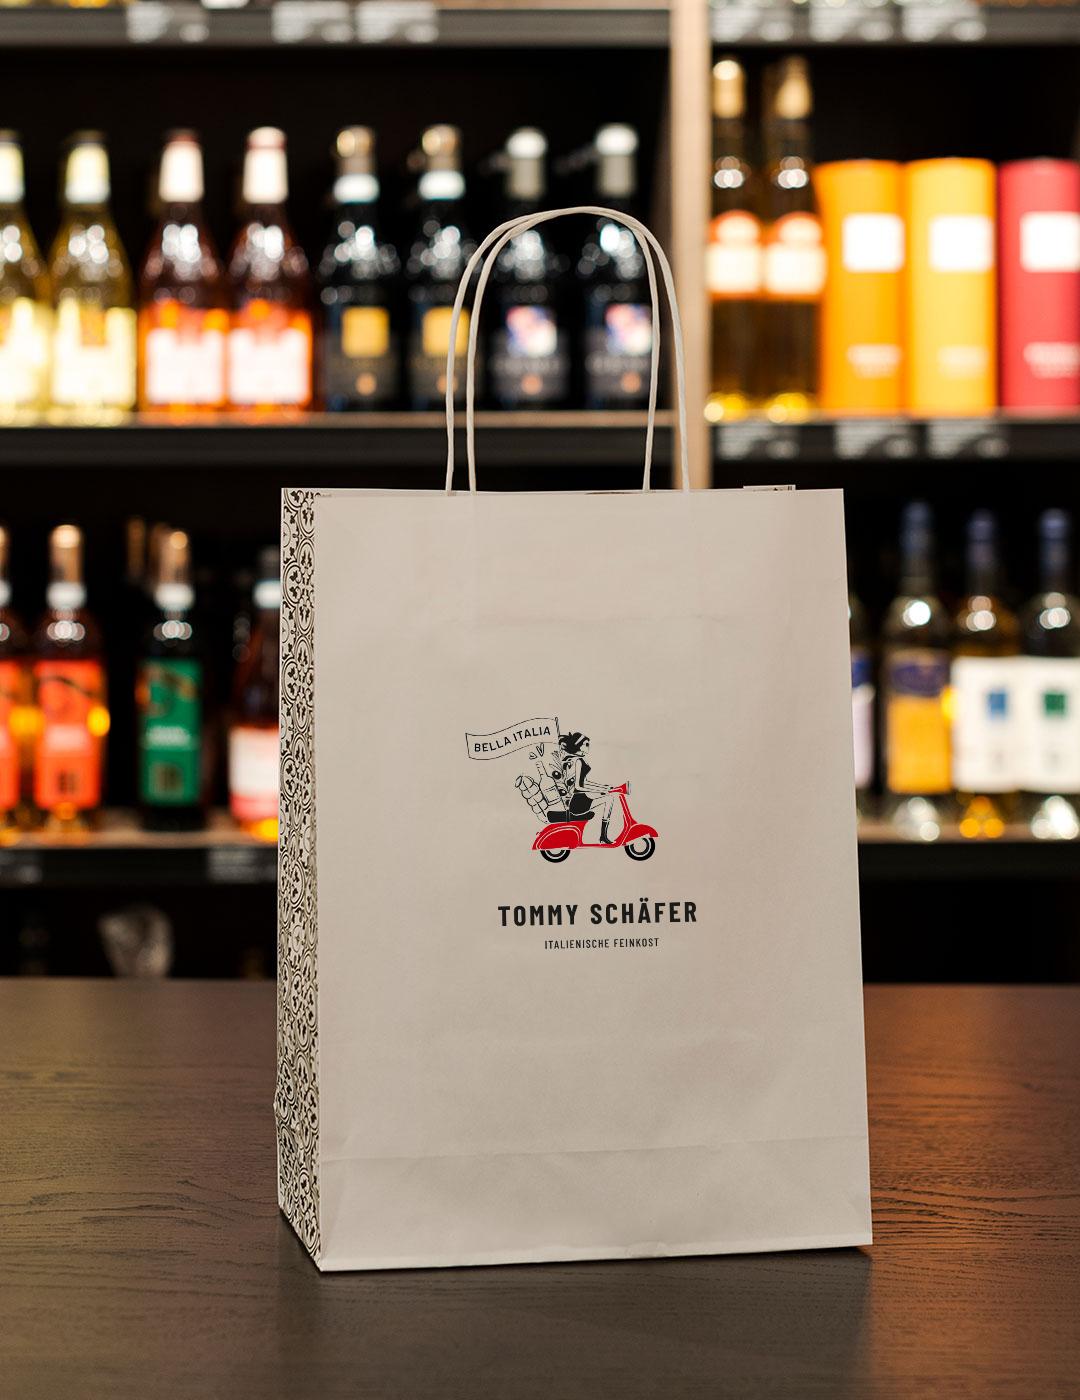 toc. designstudio -  IlNuraghe - Tommy Schäfer - Italienische Feinkost Nürnberg - Konzeption, Branding, Innenarchitektur, Fotografie, Packaging, Web